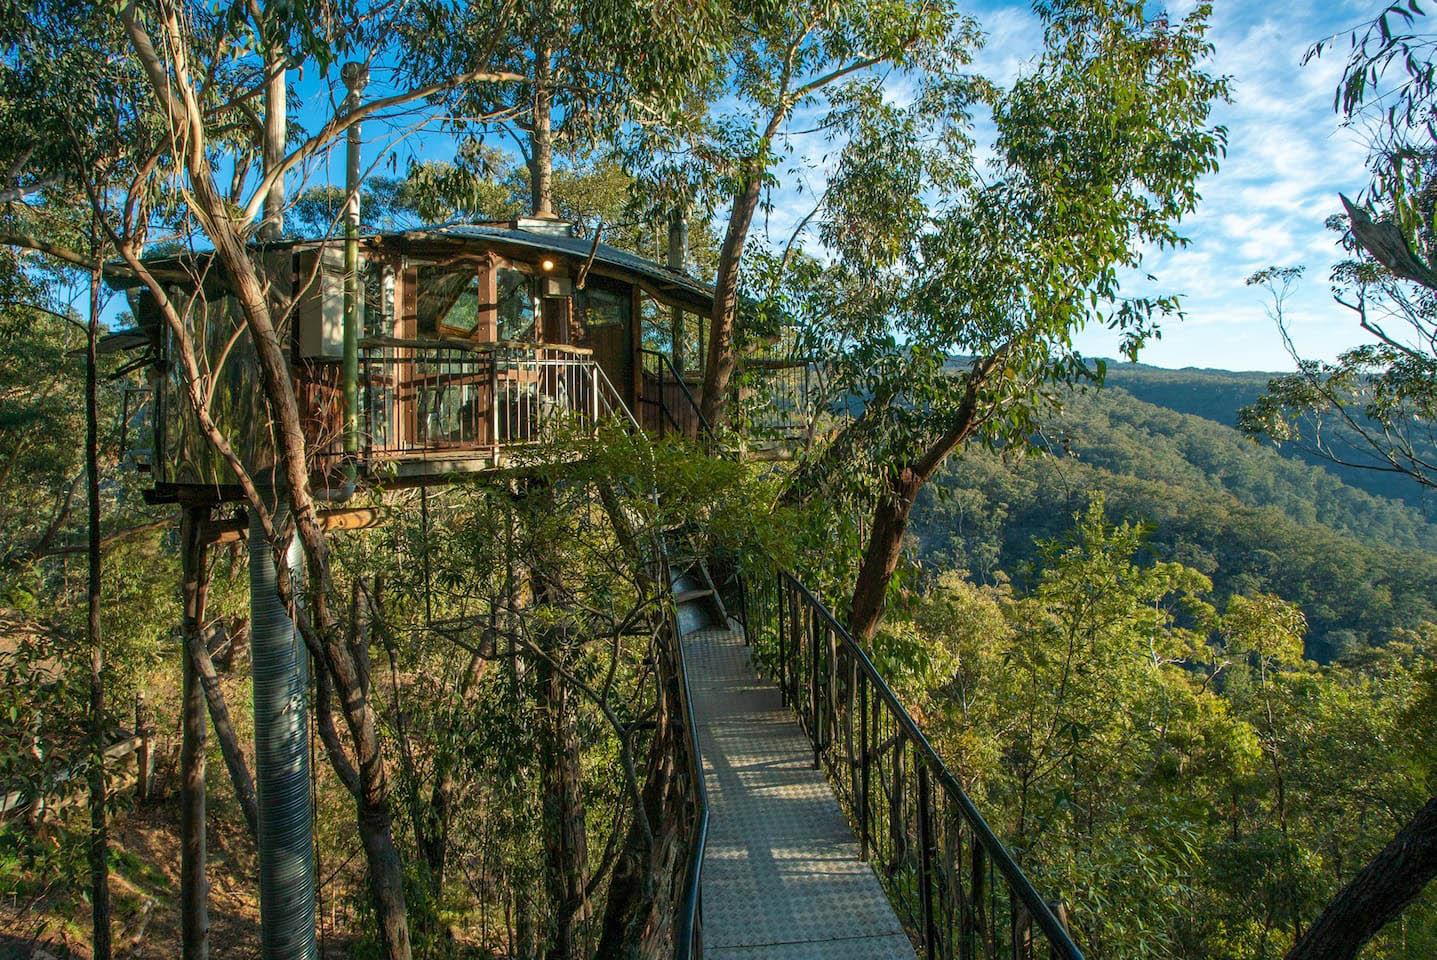 nhà trên cây giữa rừng núi